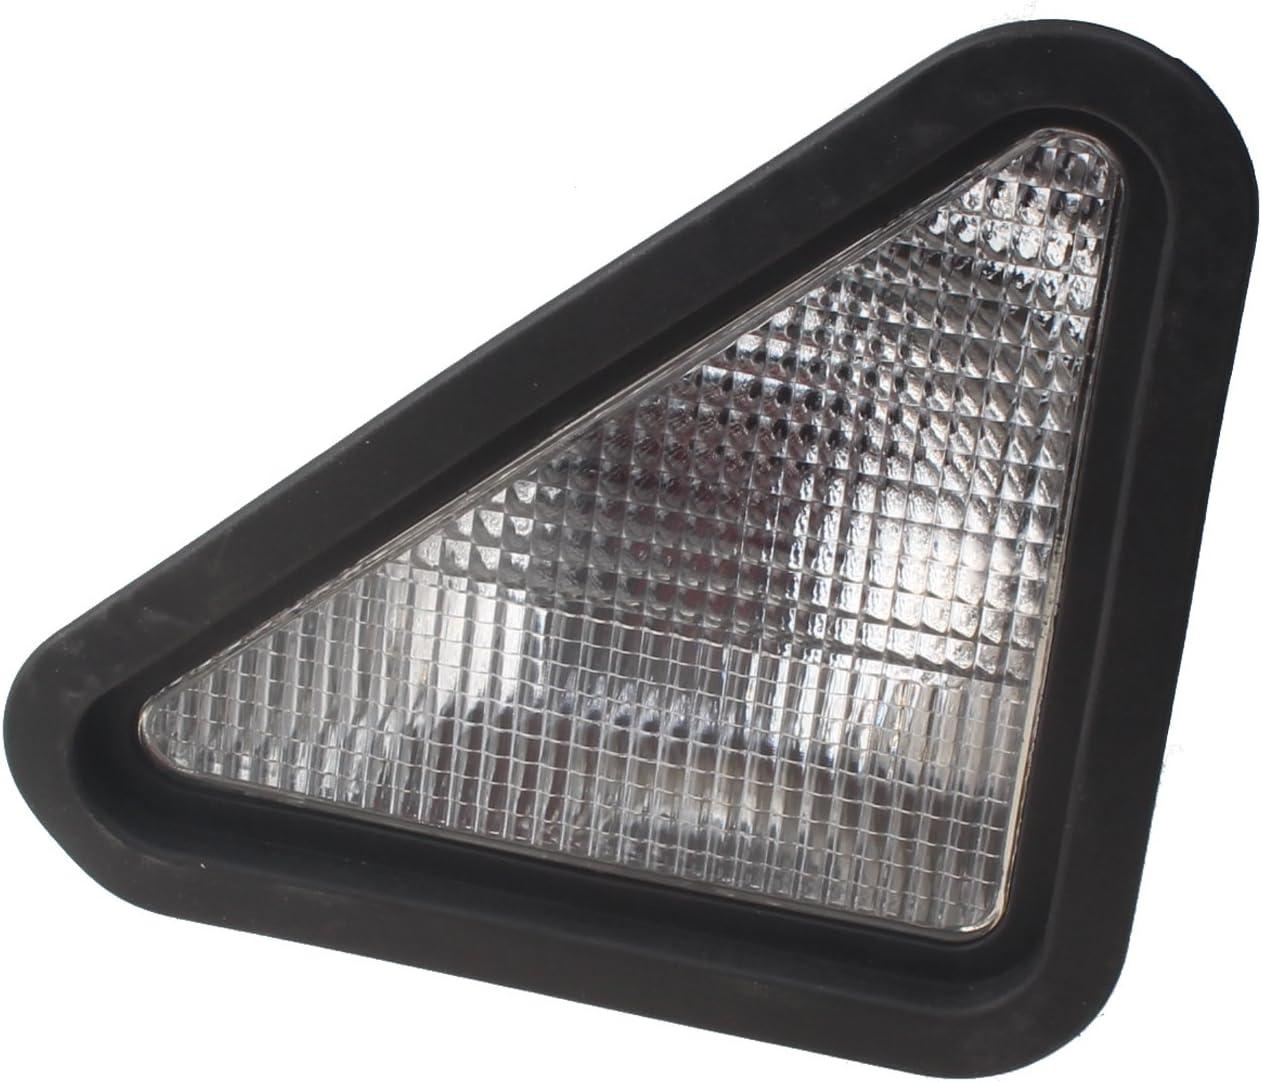 Left Headlight Lamp for Bobcat S100 S130 S150 S160 S175 S185 S205 Skid Steer